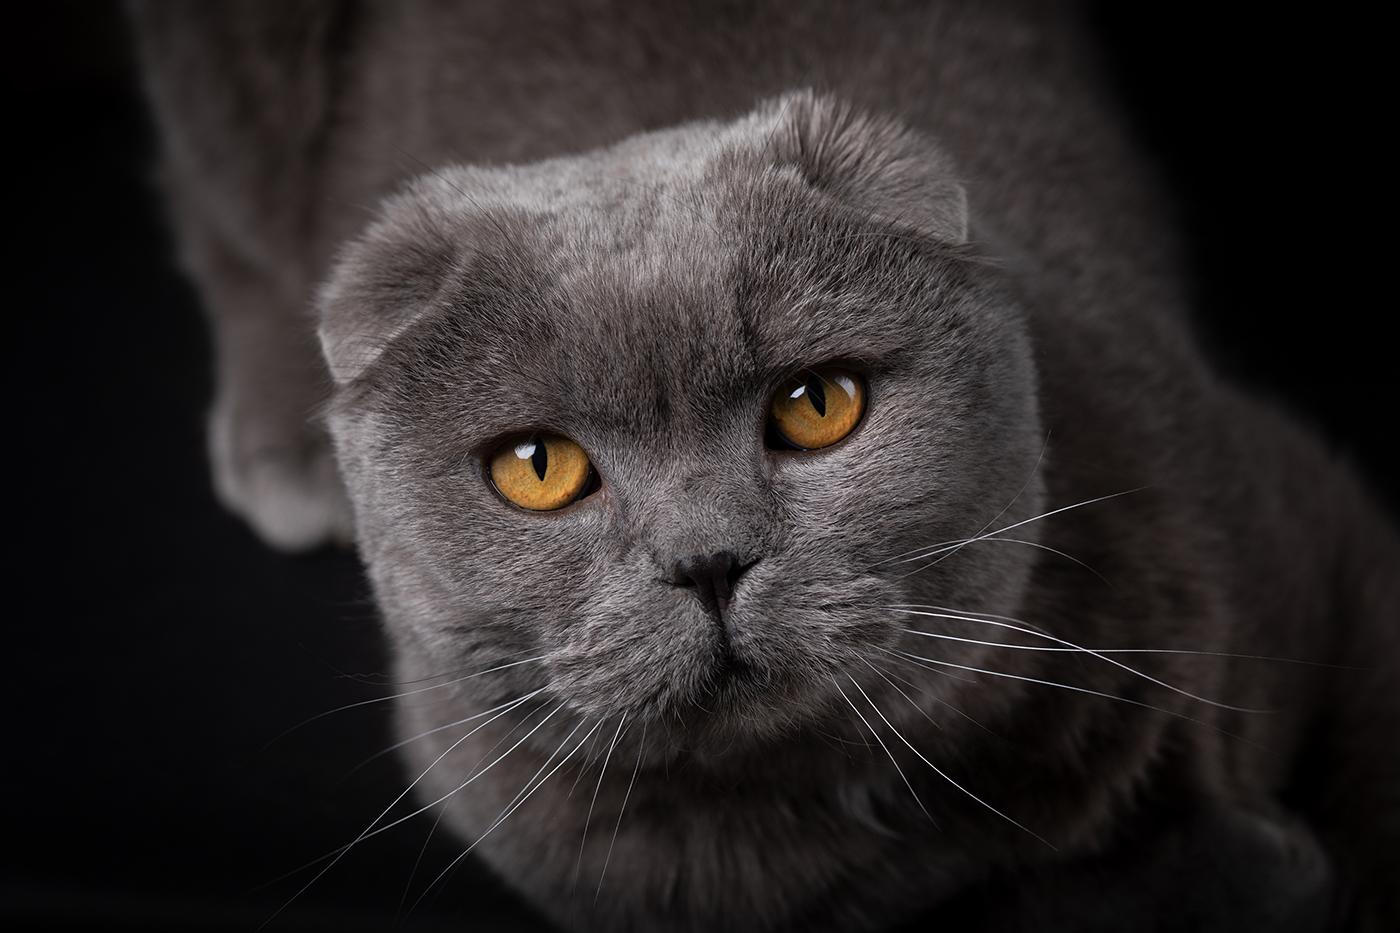 photographe-animalier-chat-poitiers-guillaume-heraud-02